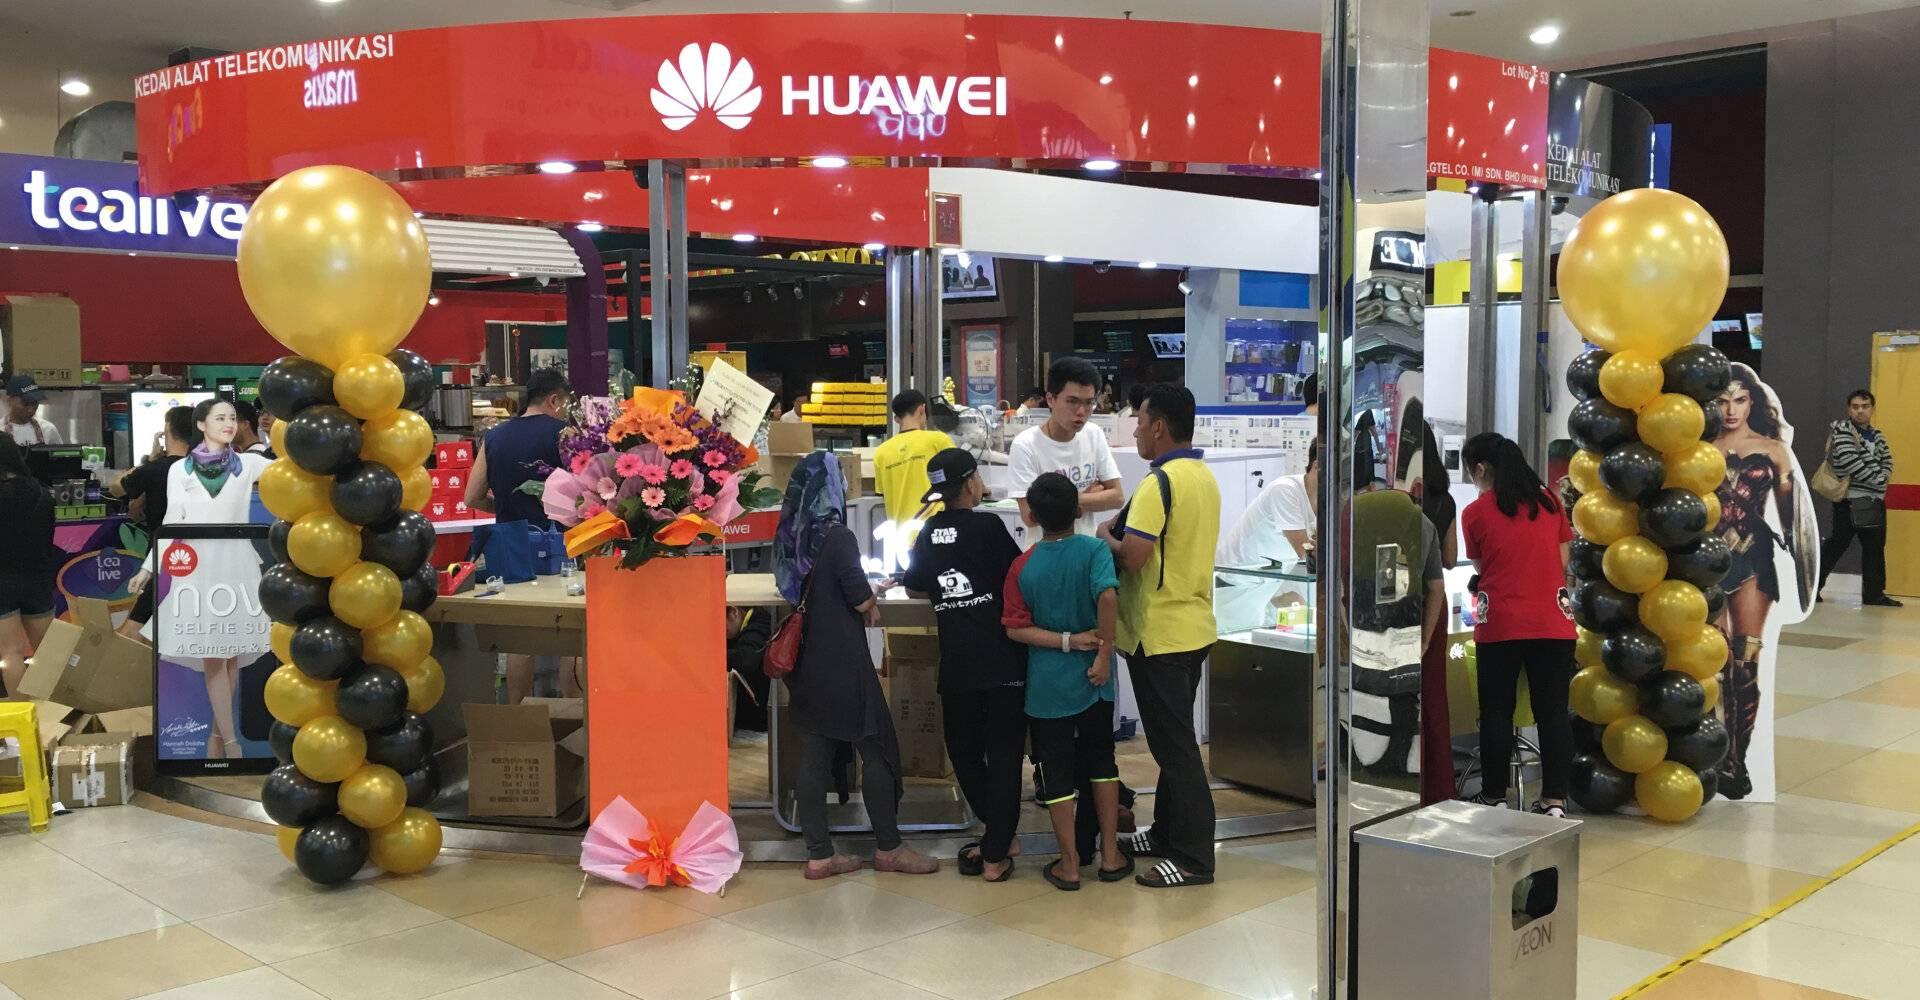 Huawei Shop Decoration